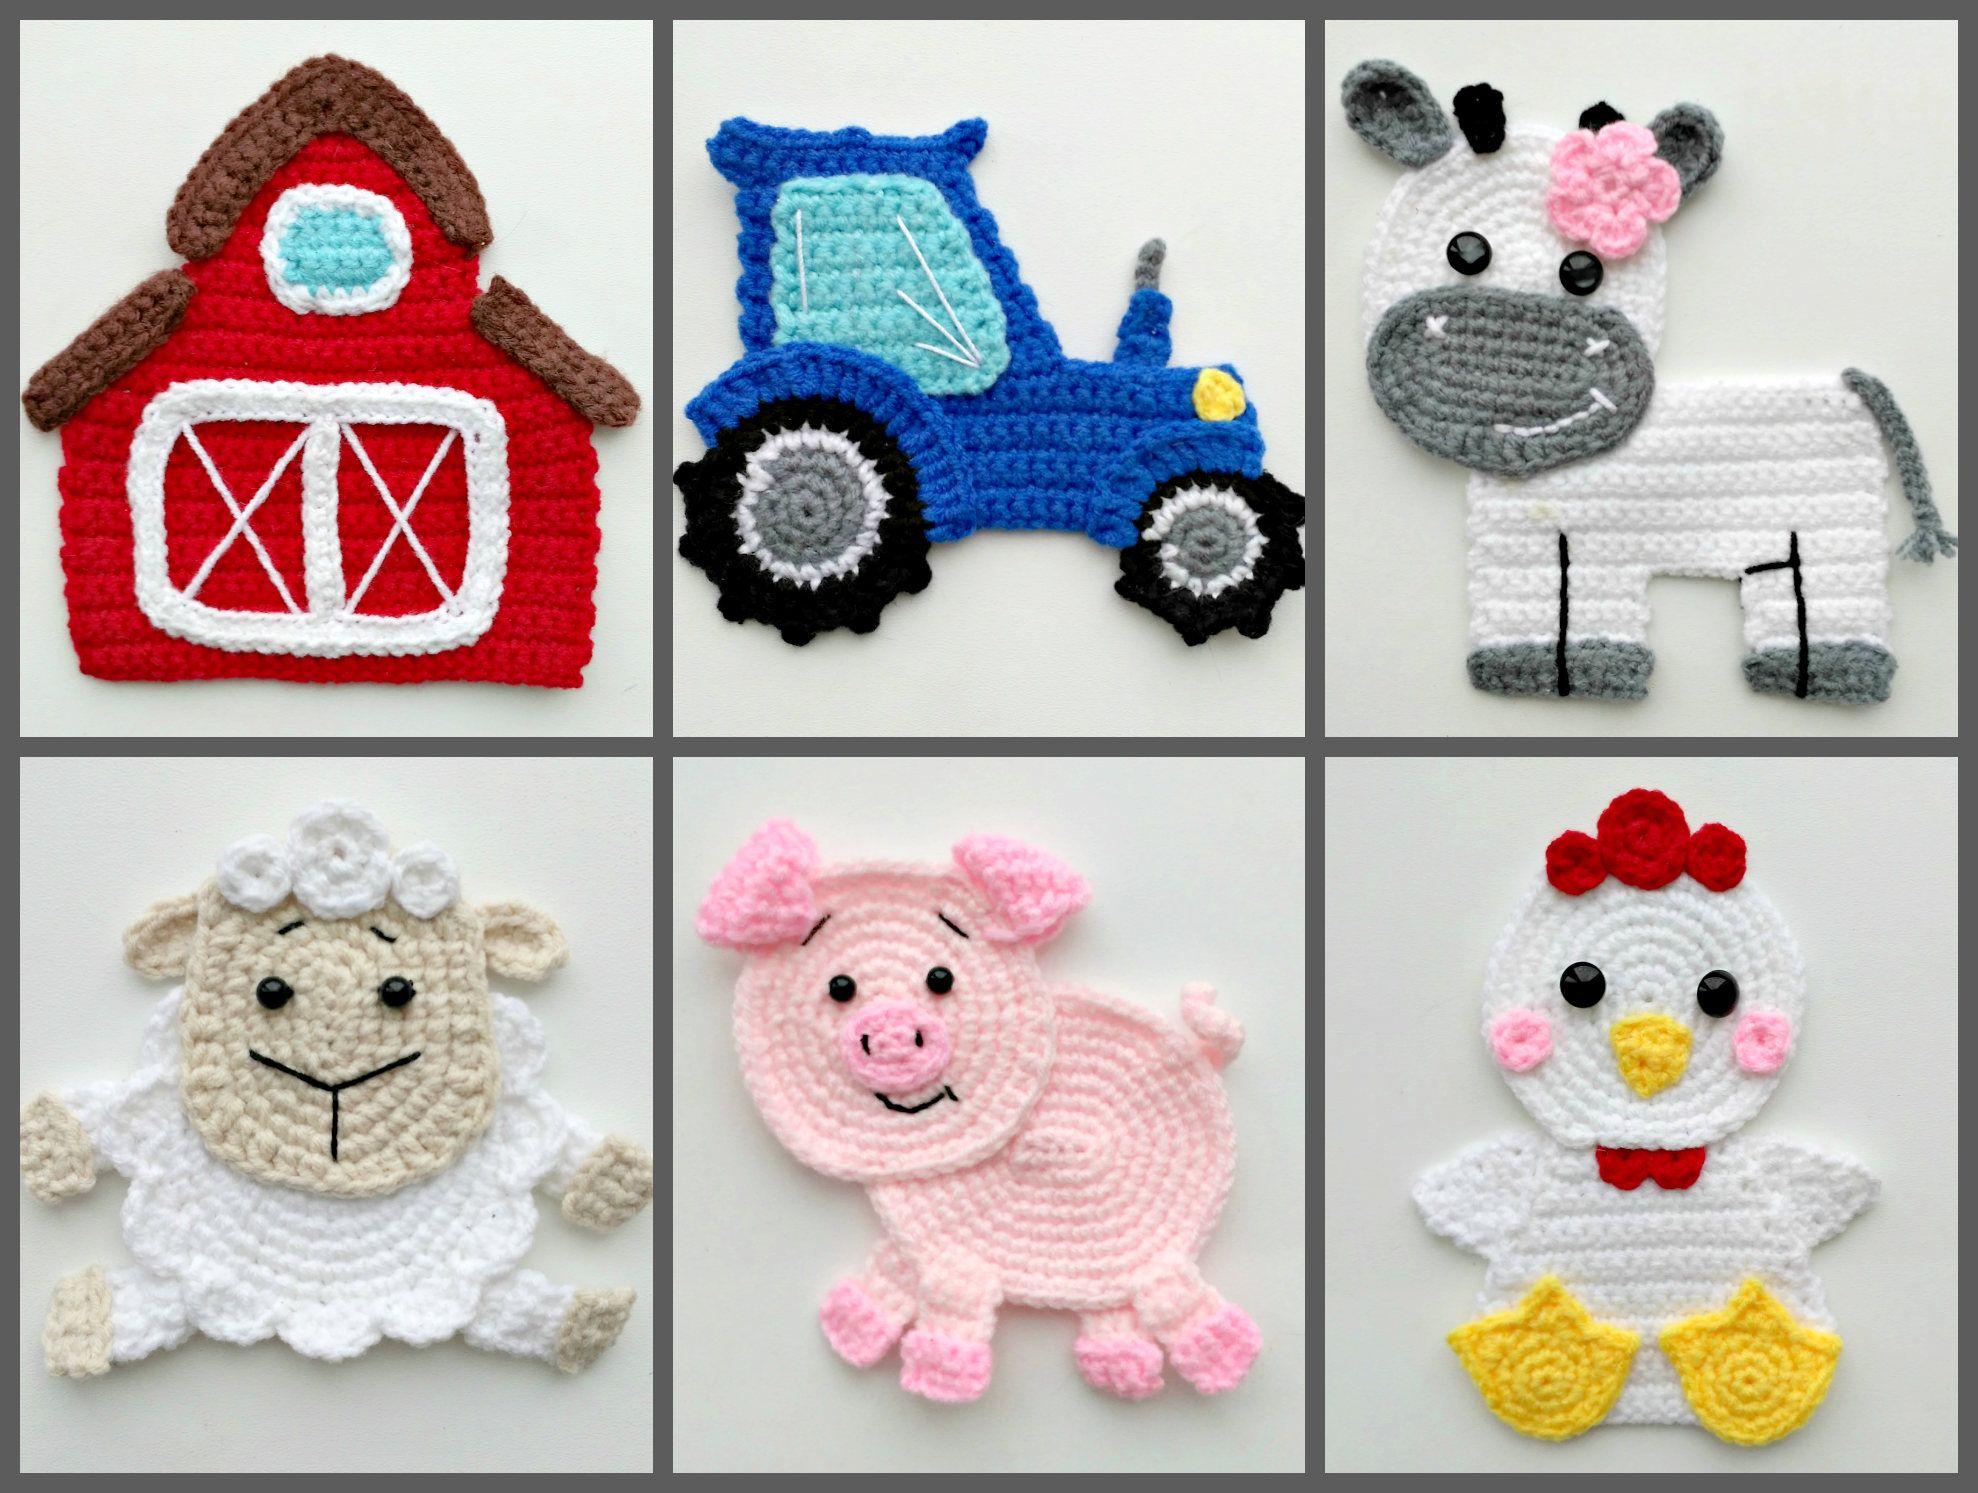 Excepcional Patrón Tractor Crochet Inspiración - Manta de Tejer ...